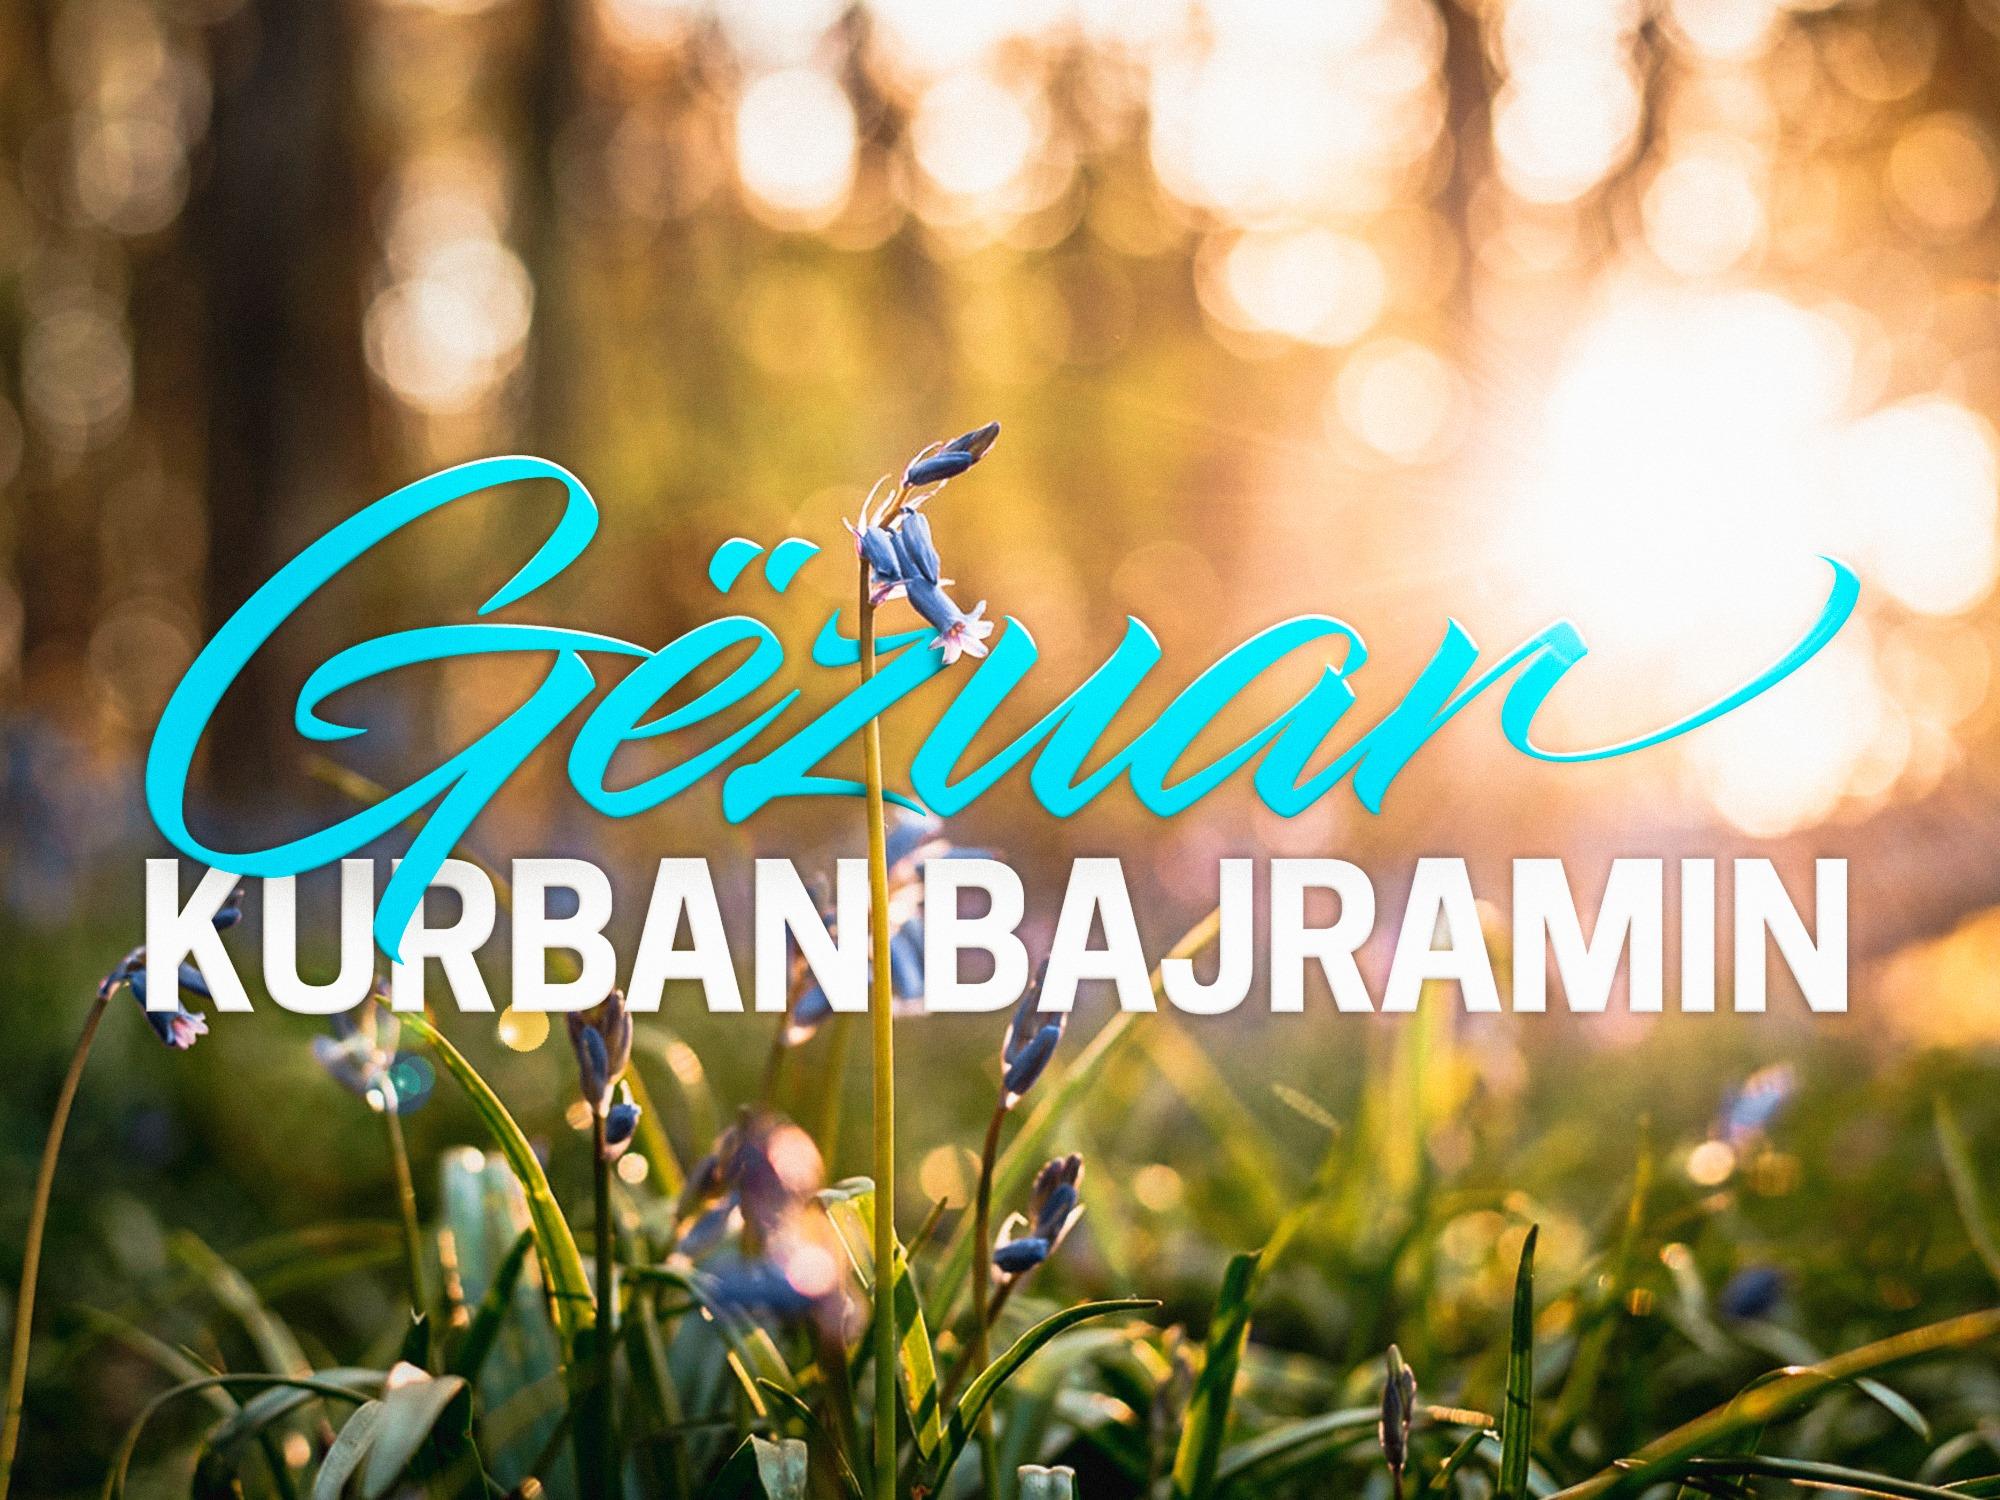 Nesër Kurban Bajrami, politika uron besimtarët: Të punojnë për një Shqipëri më të mirë